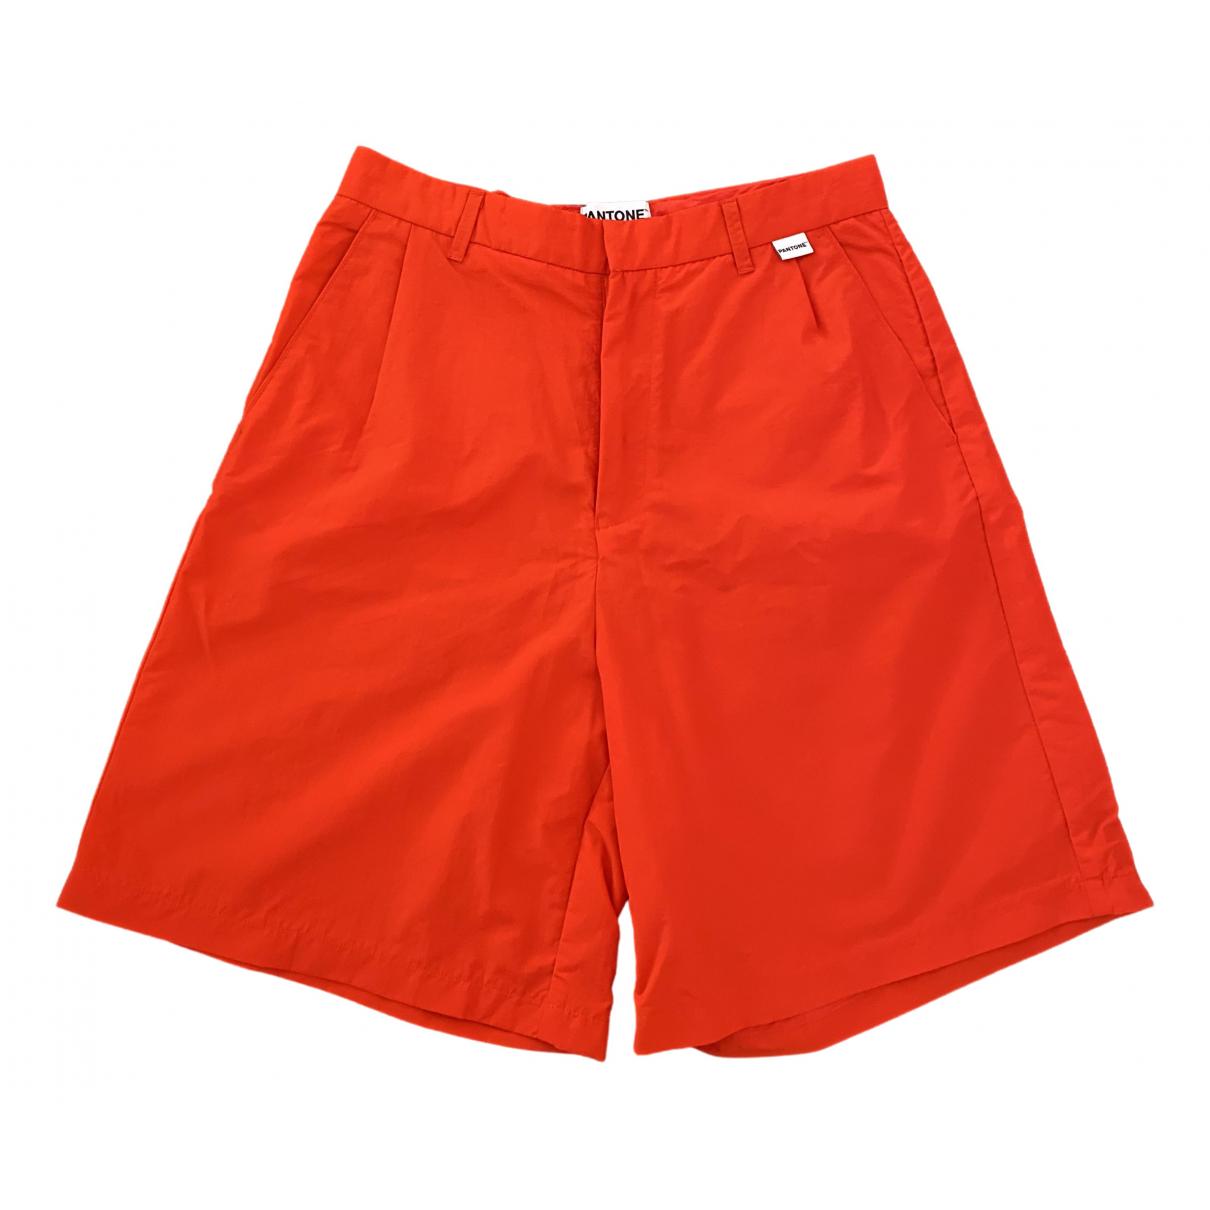 Bermudas en Poliester Naranja Pantone